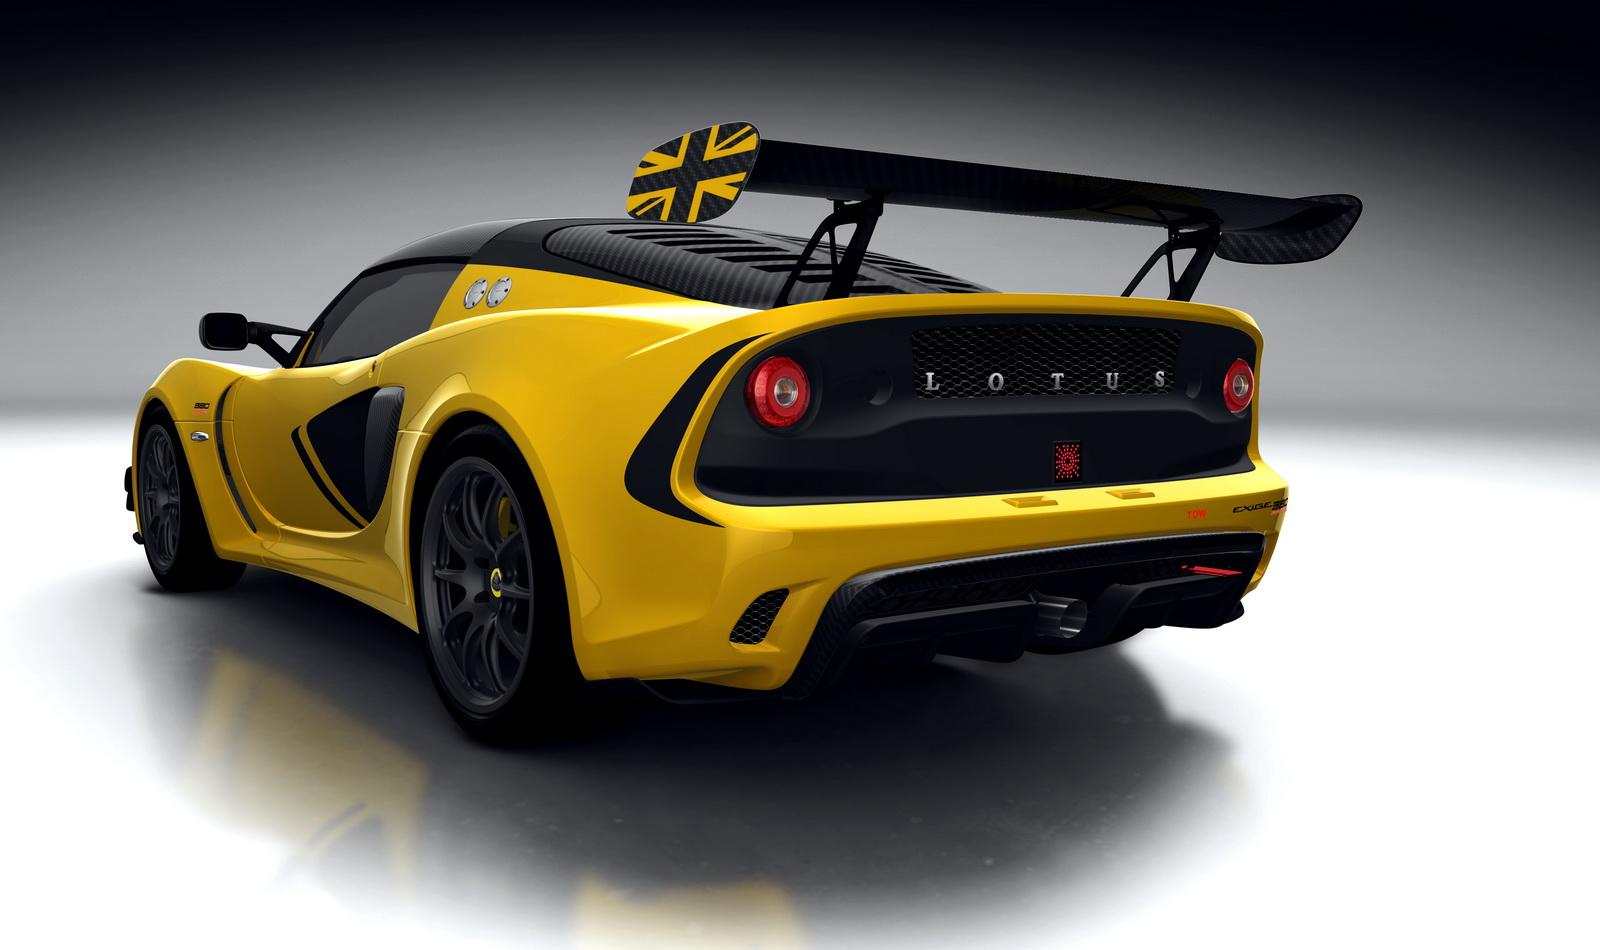 Lotus Exige 380 Race